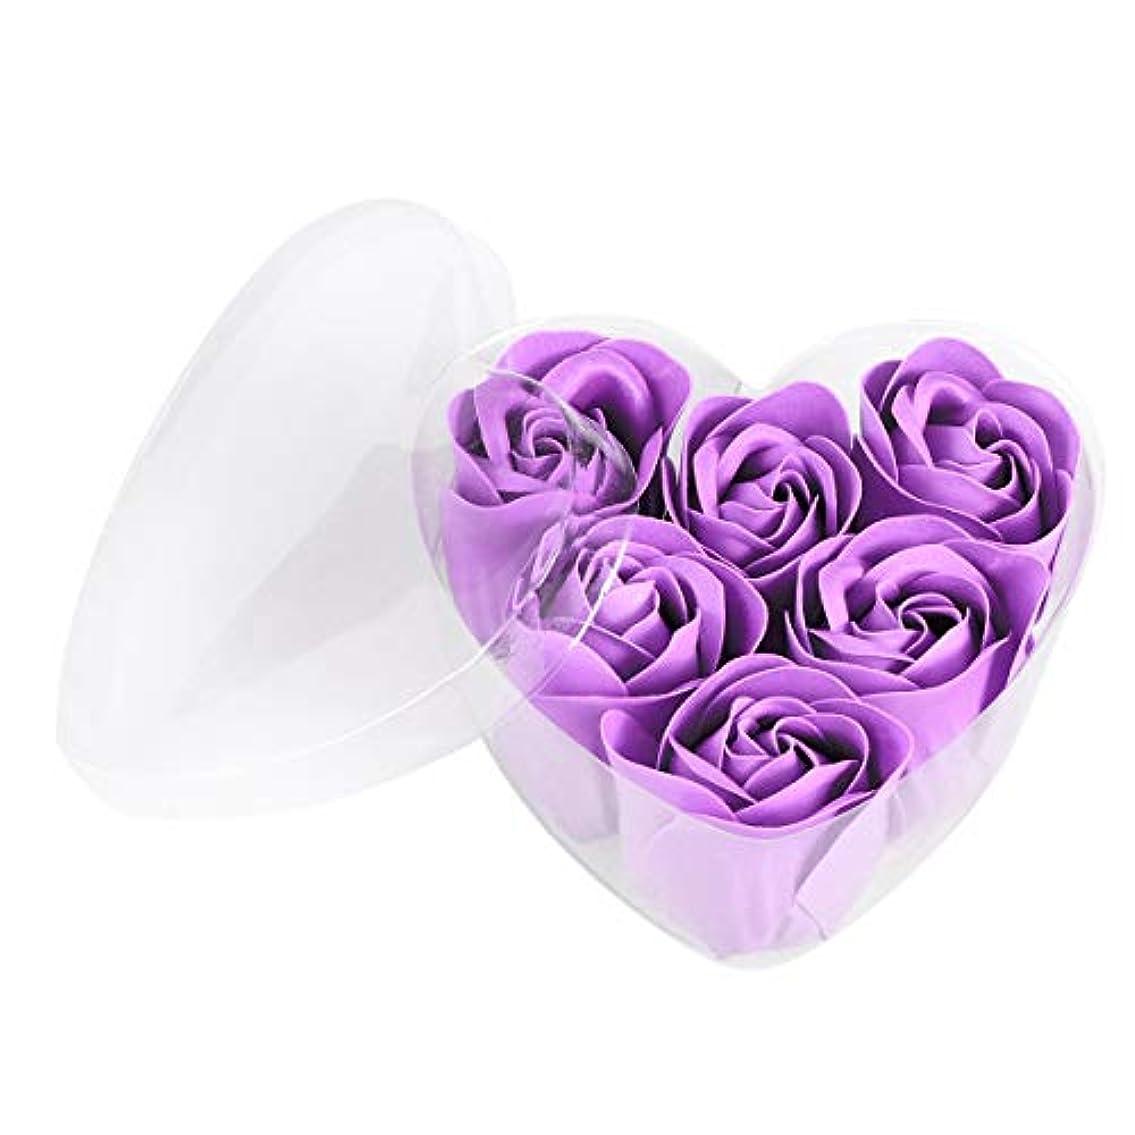 邪魔検出時制Beaupretty 6本シミュレーションローズソープハート型フラワーソープギフトボックス結婚式の誕生日Valentin's Day(紫)